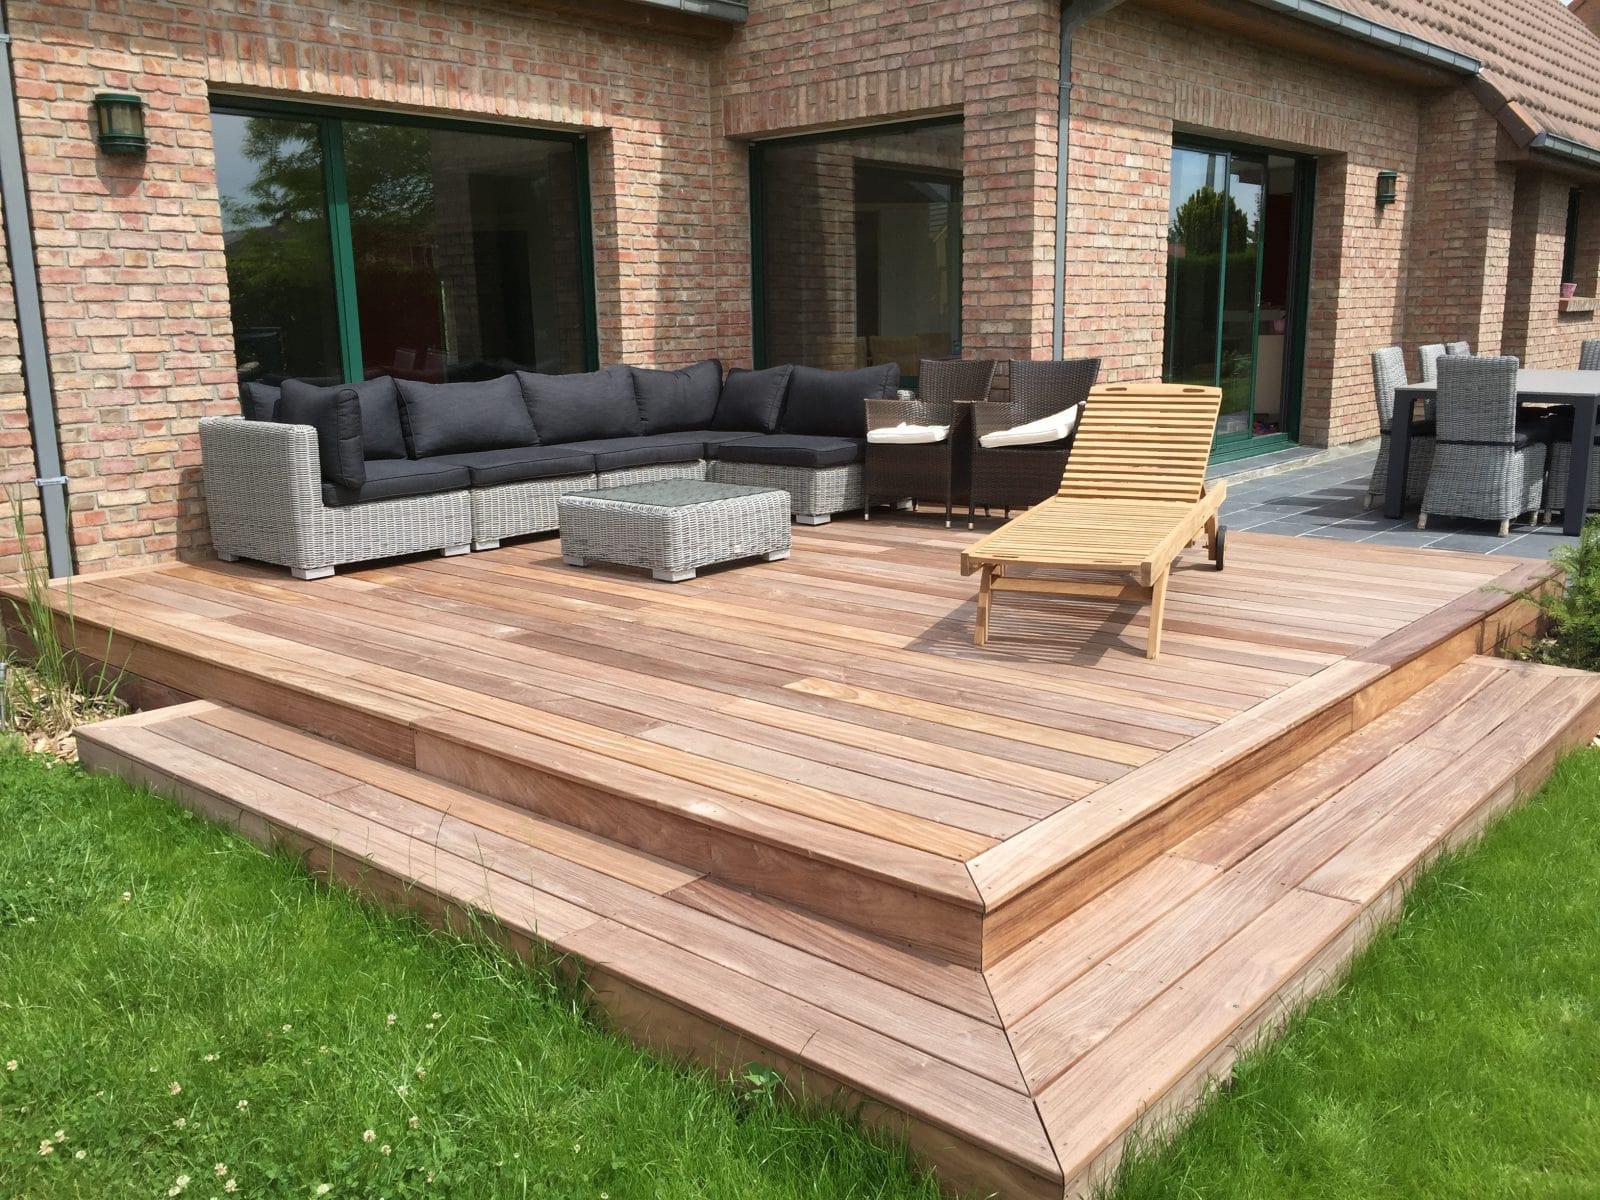 Terrasse ardoise et bois lille nord 59 paysagiste for Jardin avec terrasse